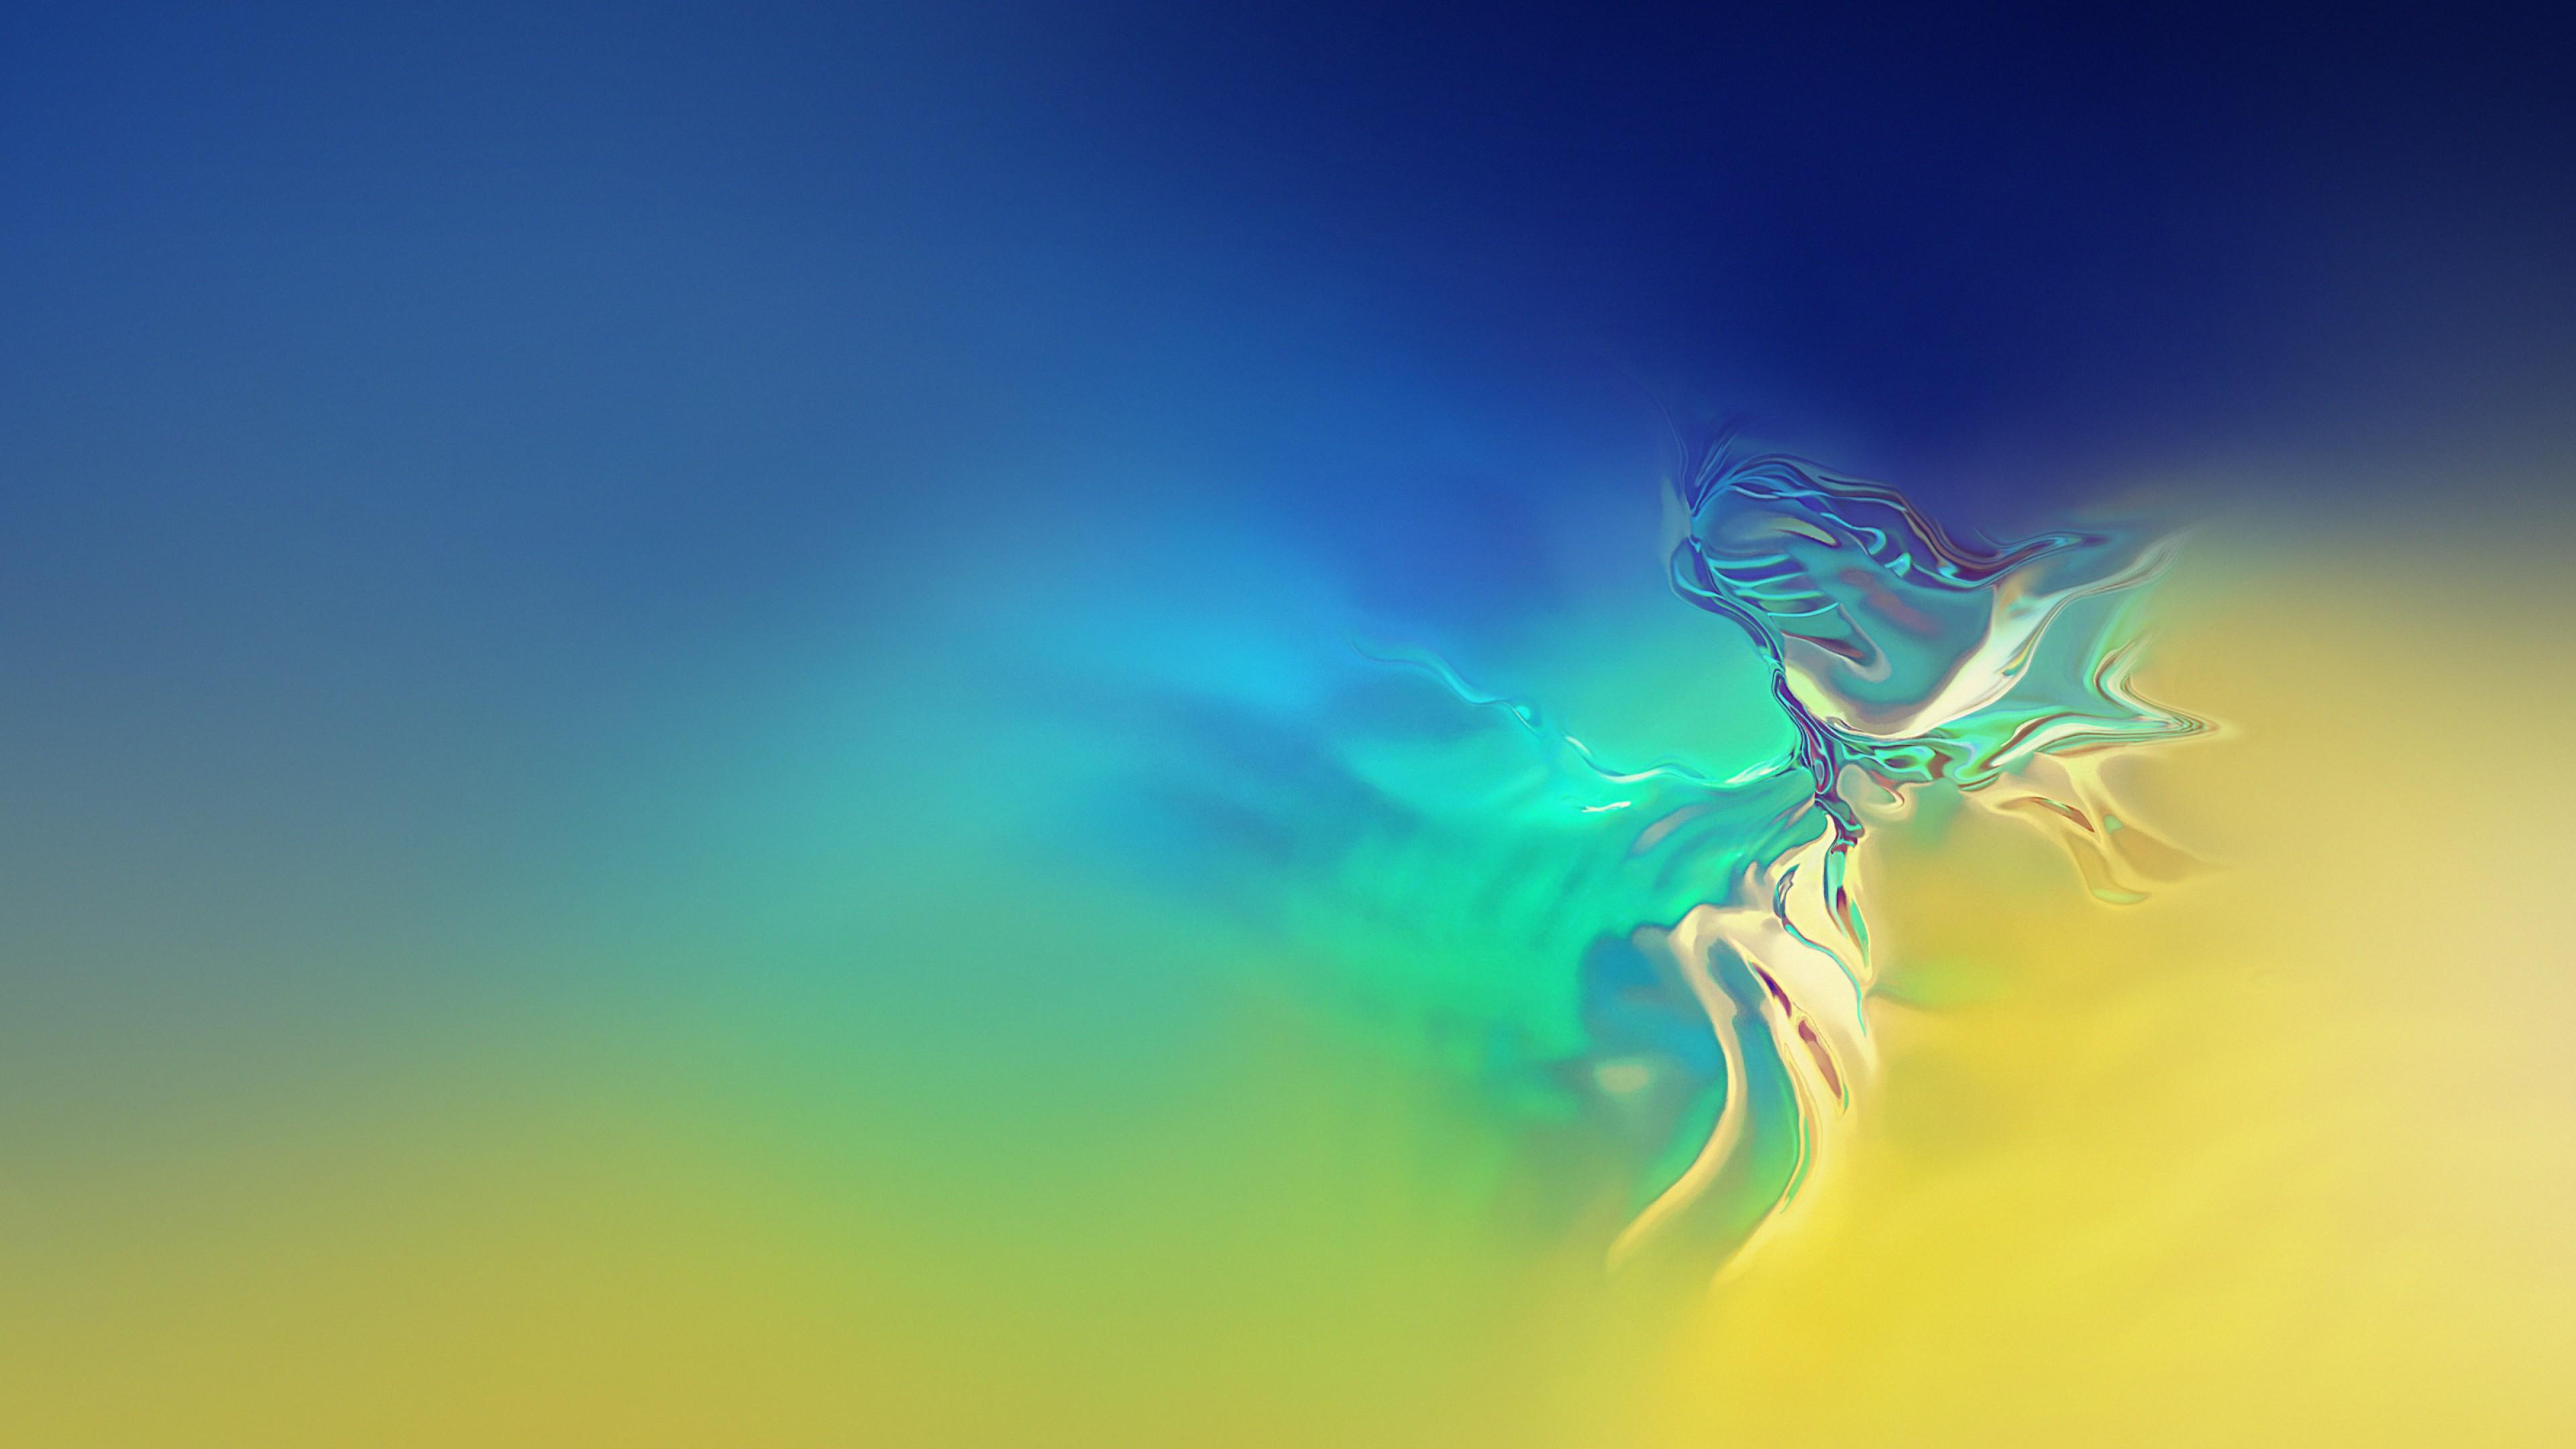 Wallpaper Samsung Galaxy S10, abstract, 4K, OS #21186